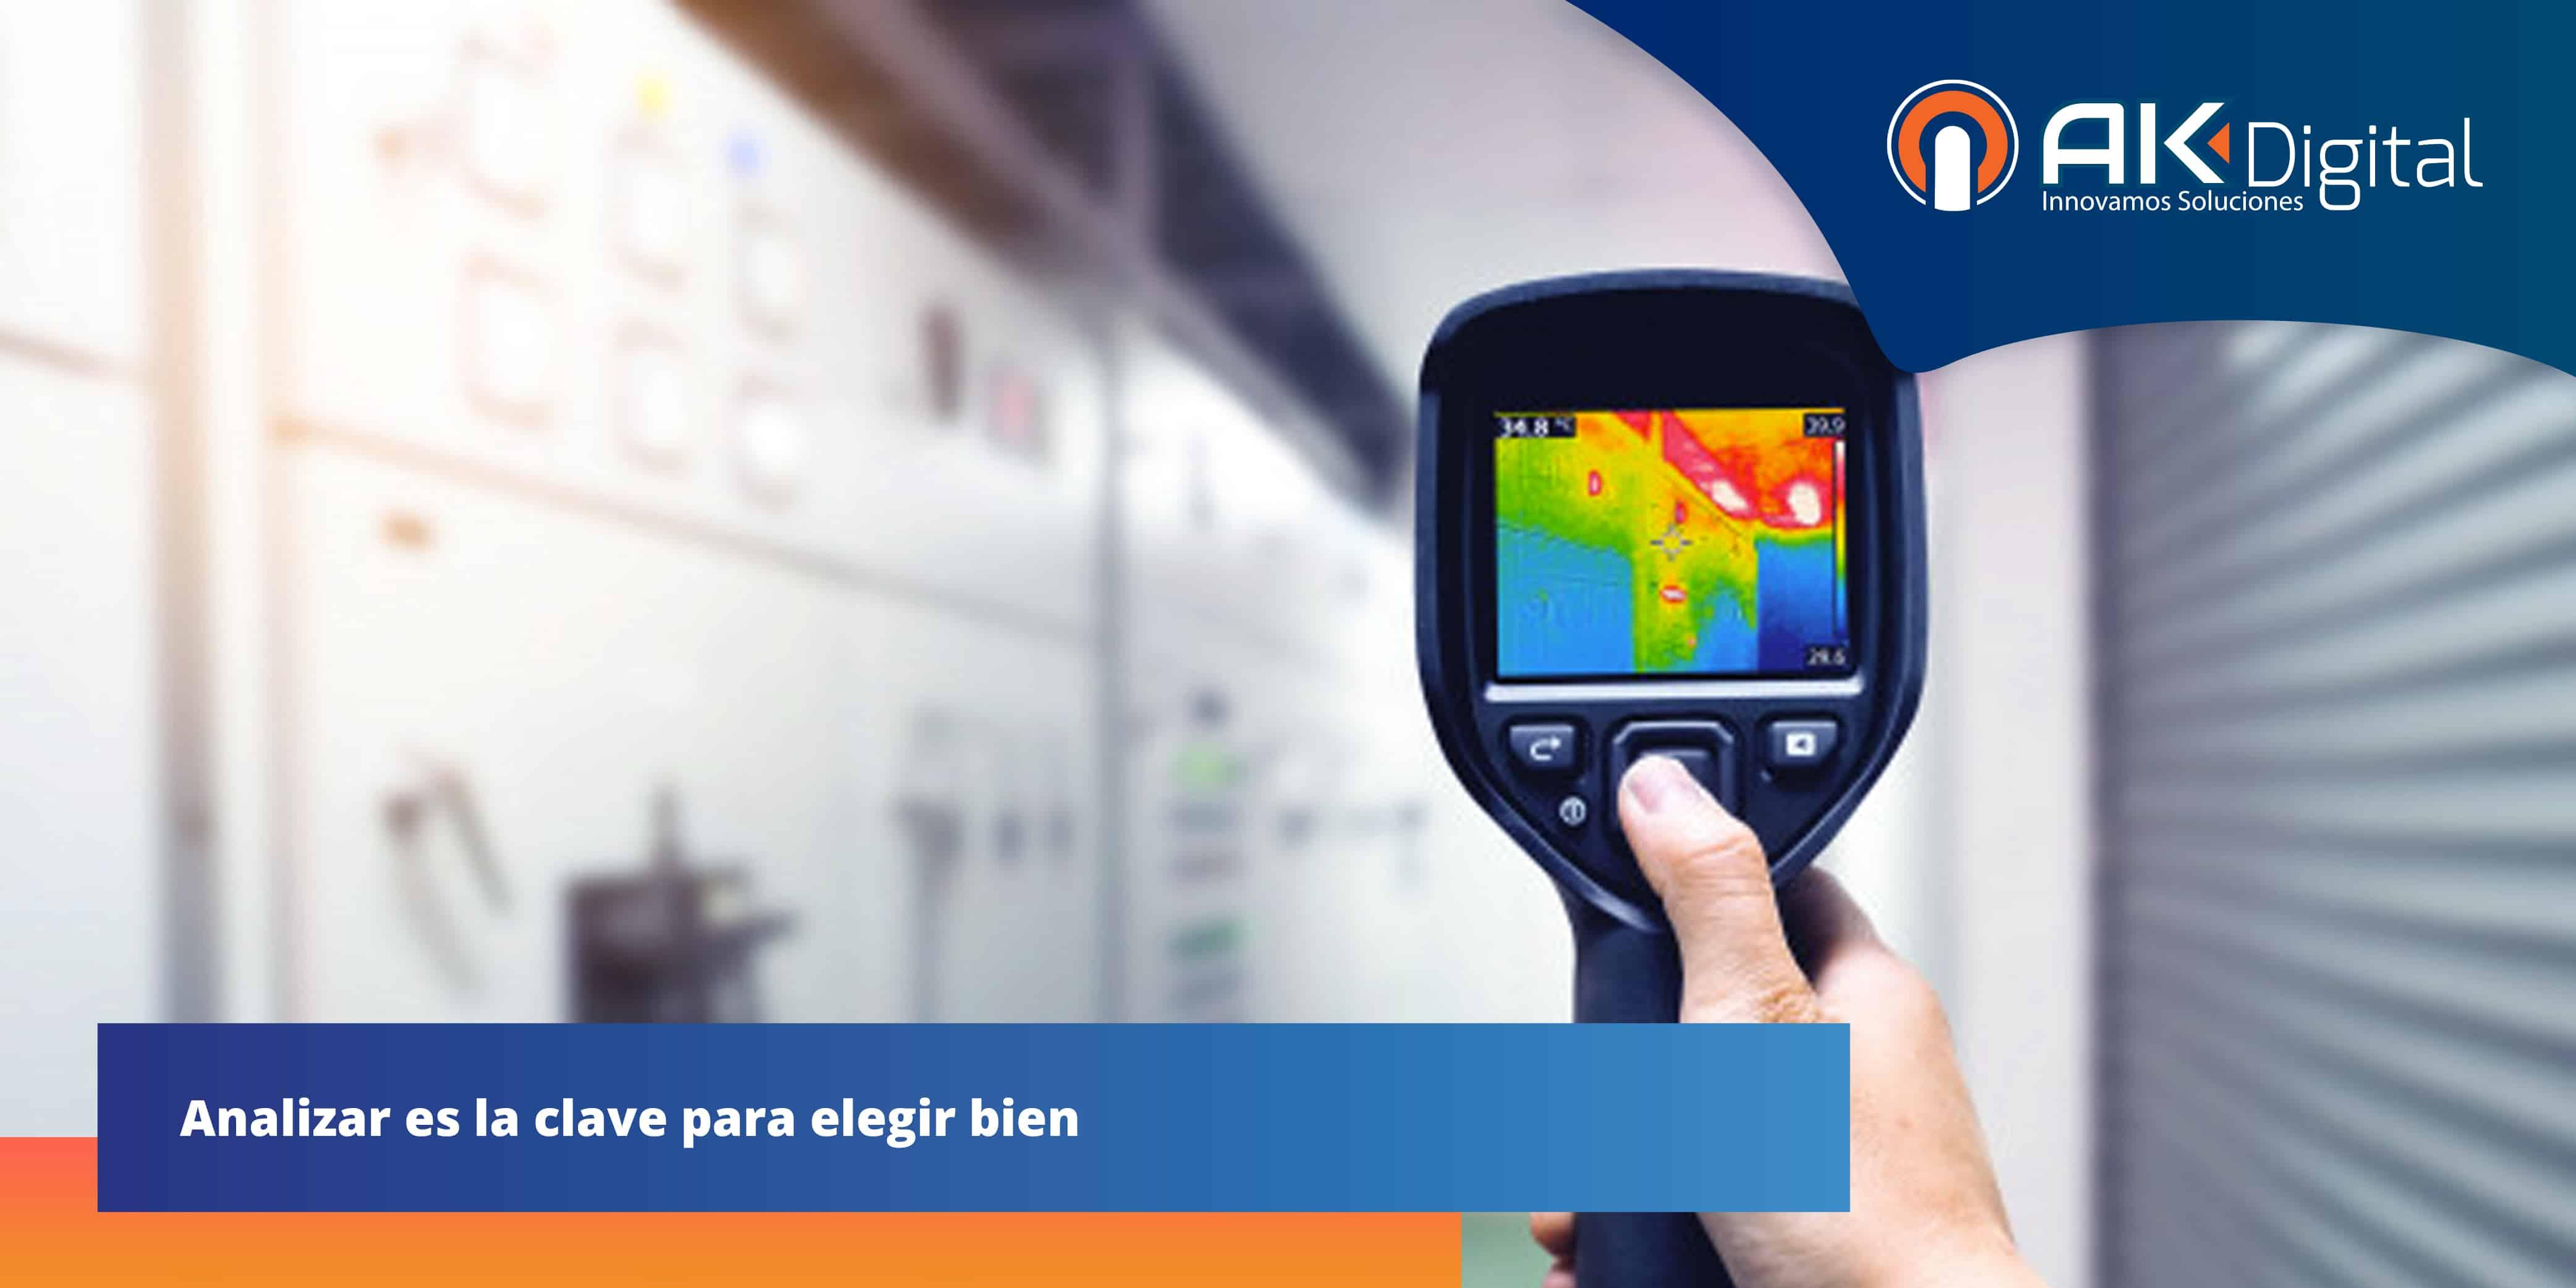 Cámaras termográficas: 5 características clave que debes considerar